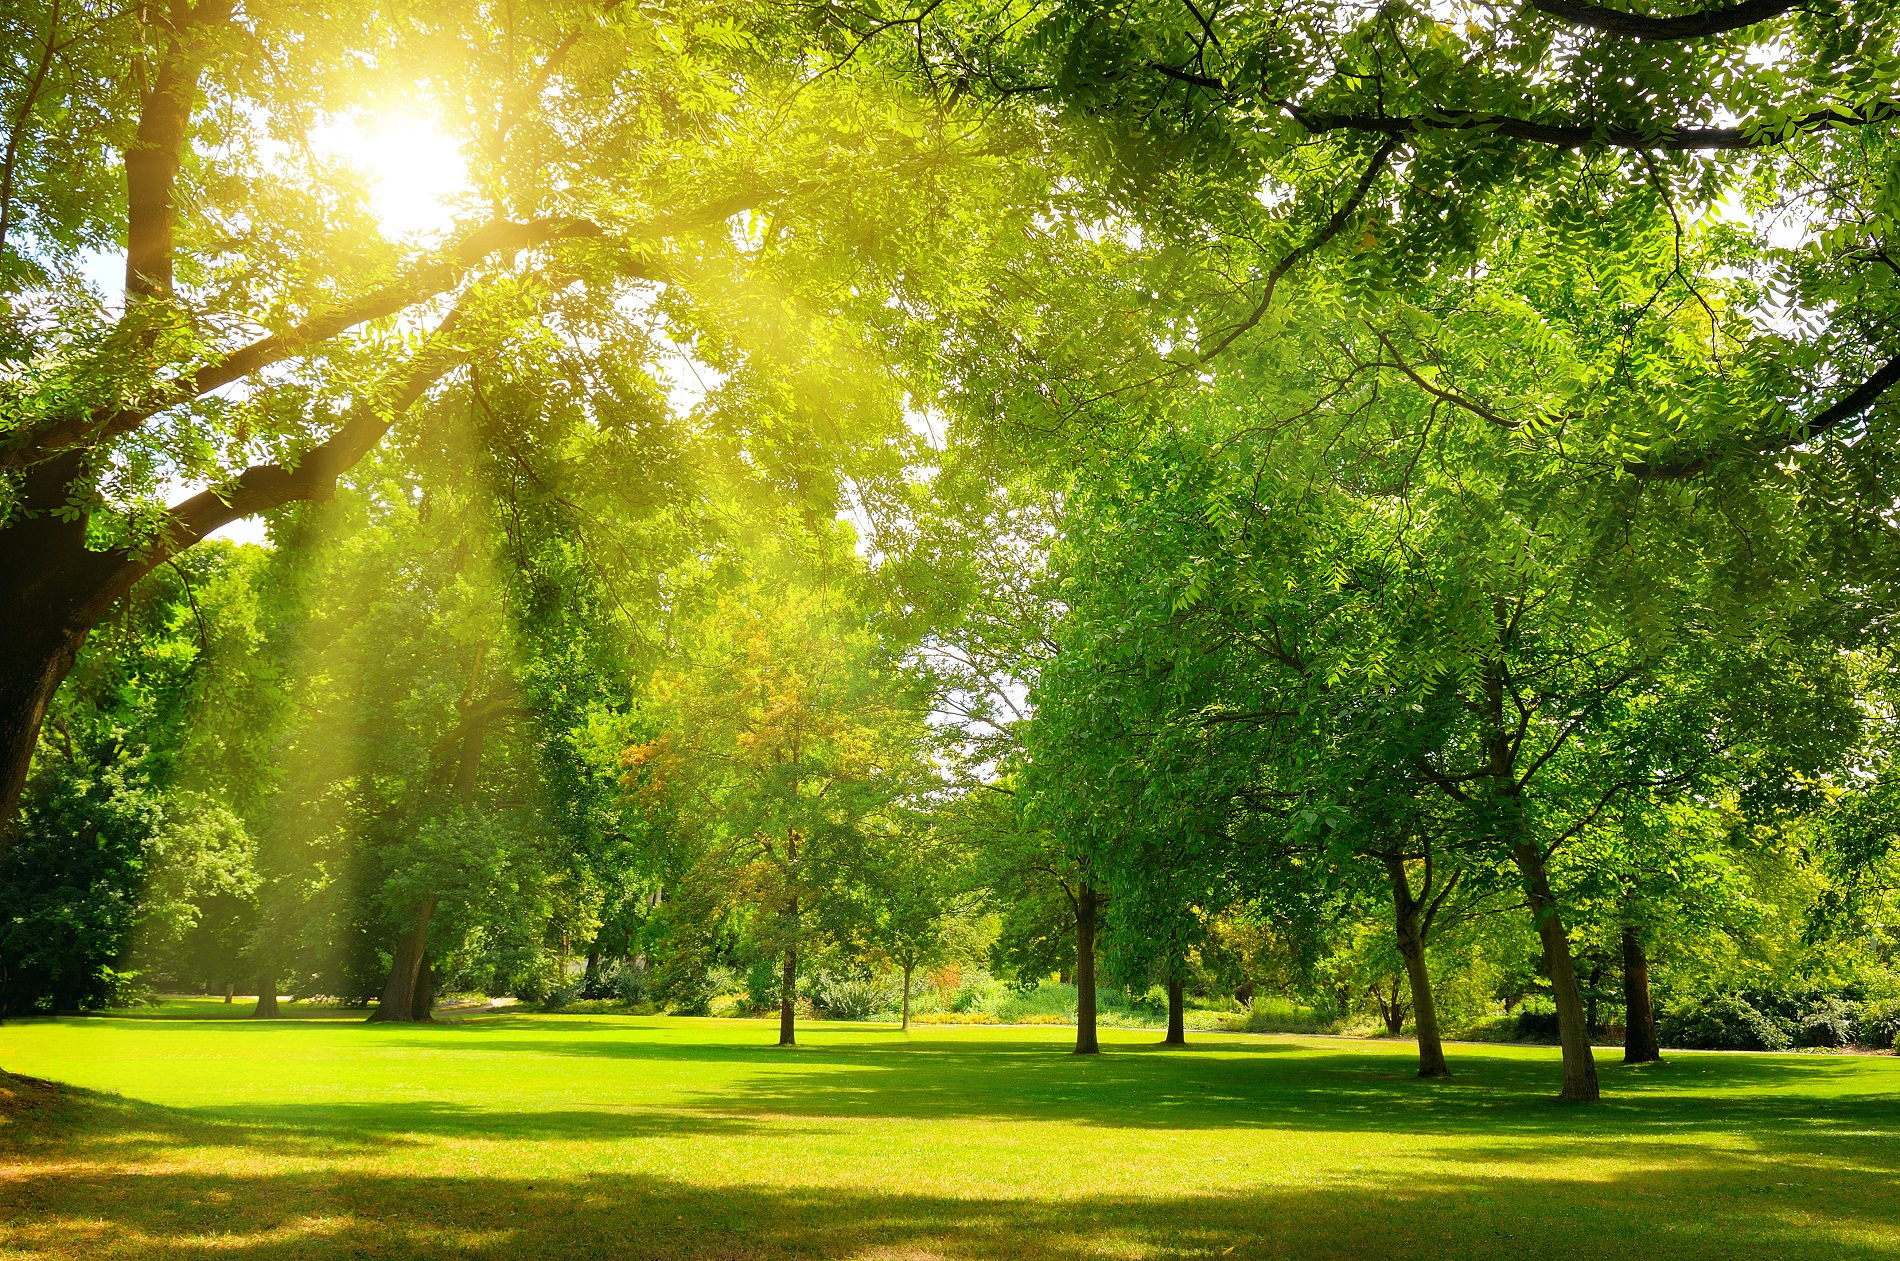 Recomendaciones para el mantenimiento óptimo de áreas verdes urbanas durante el verano